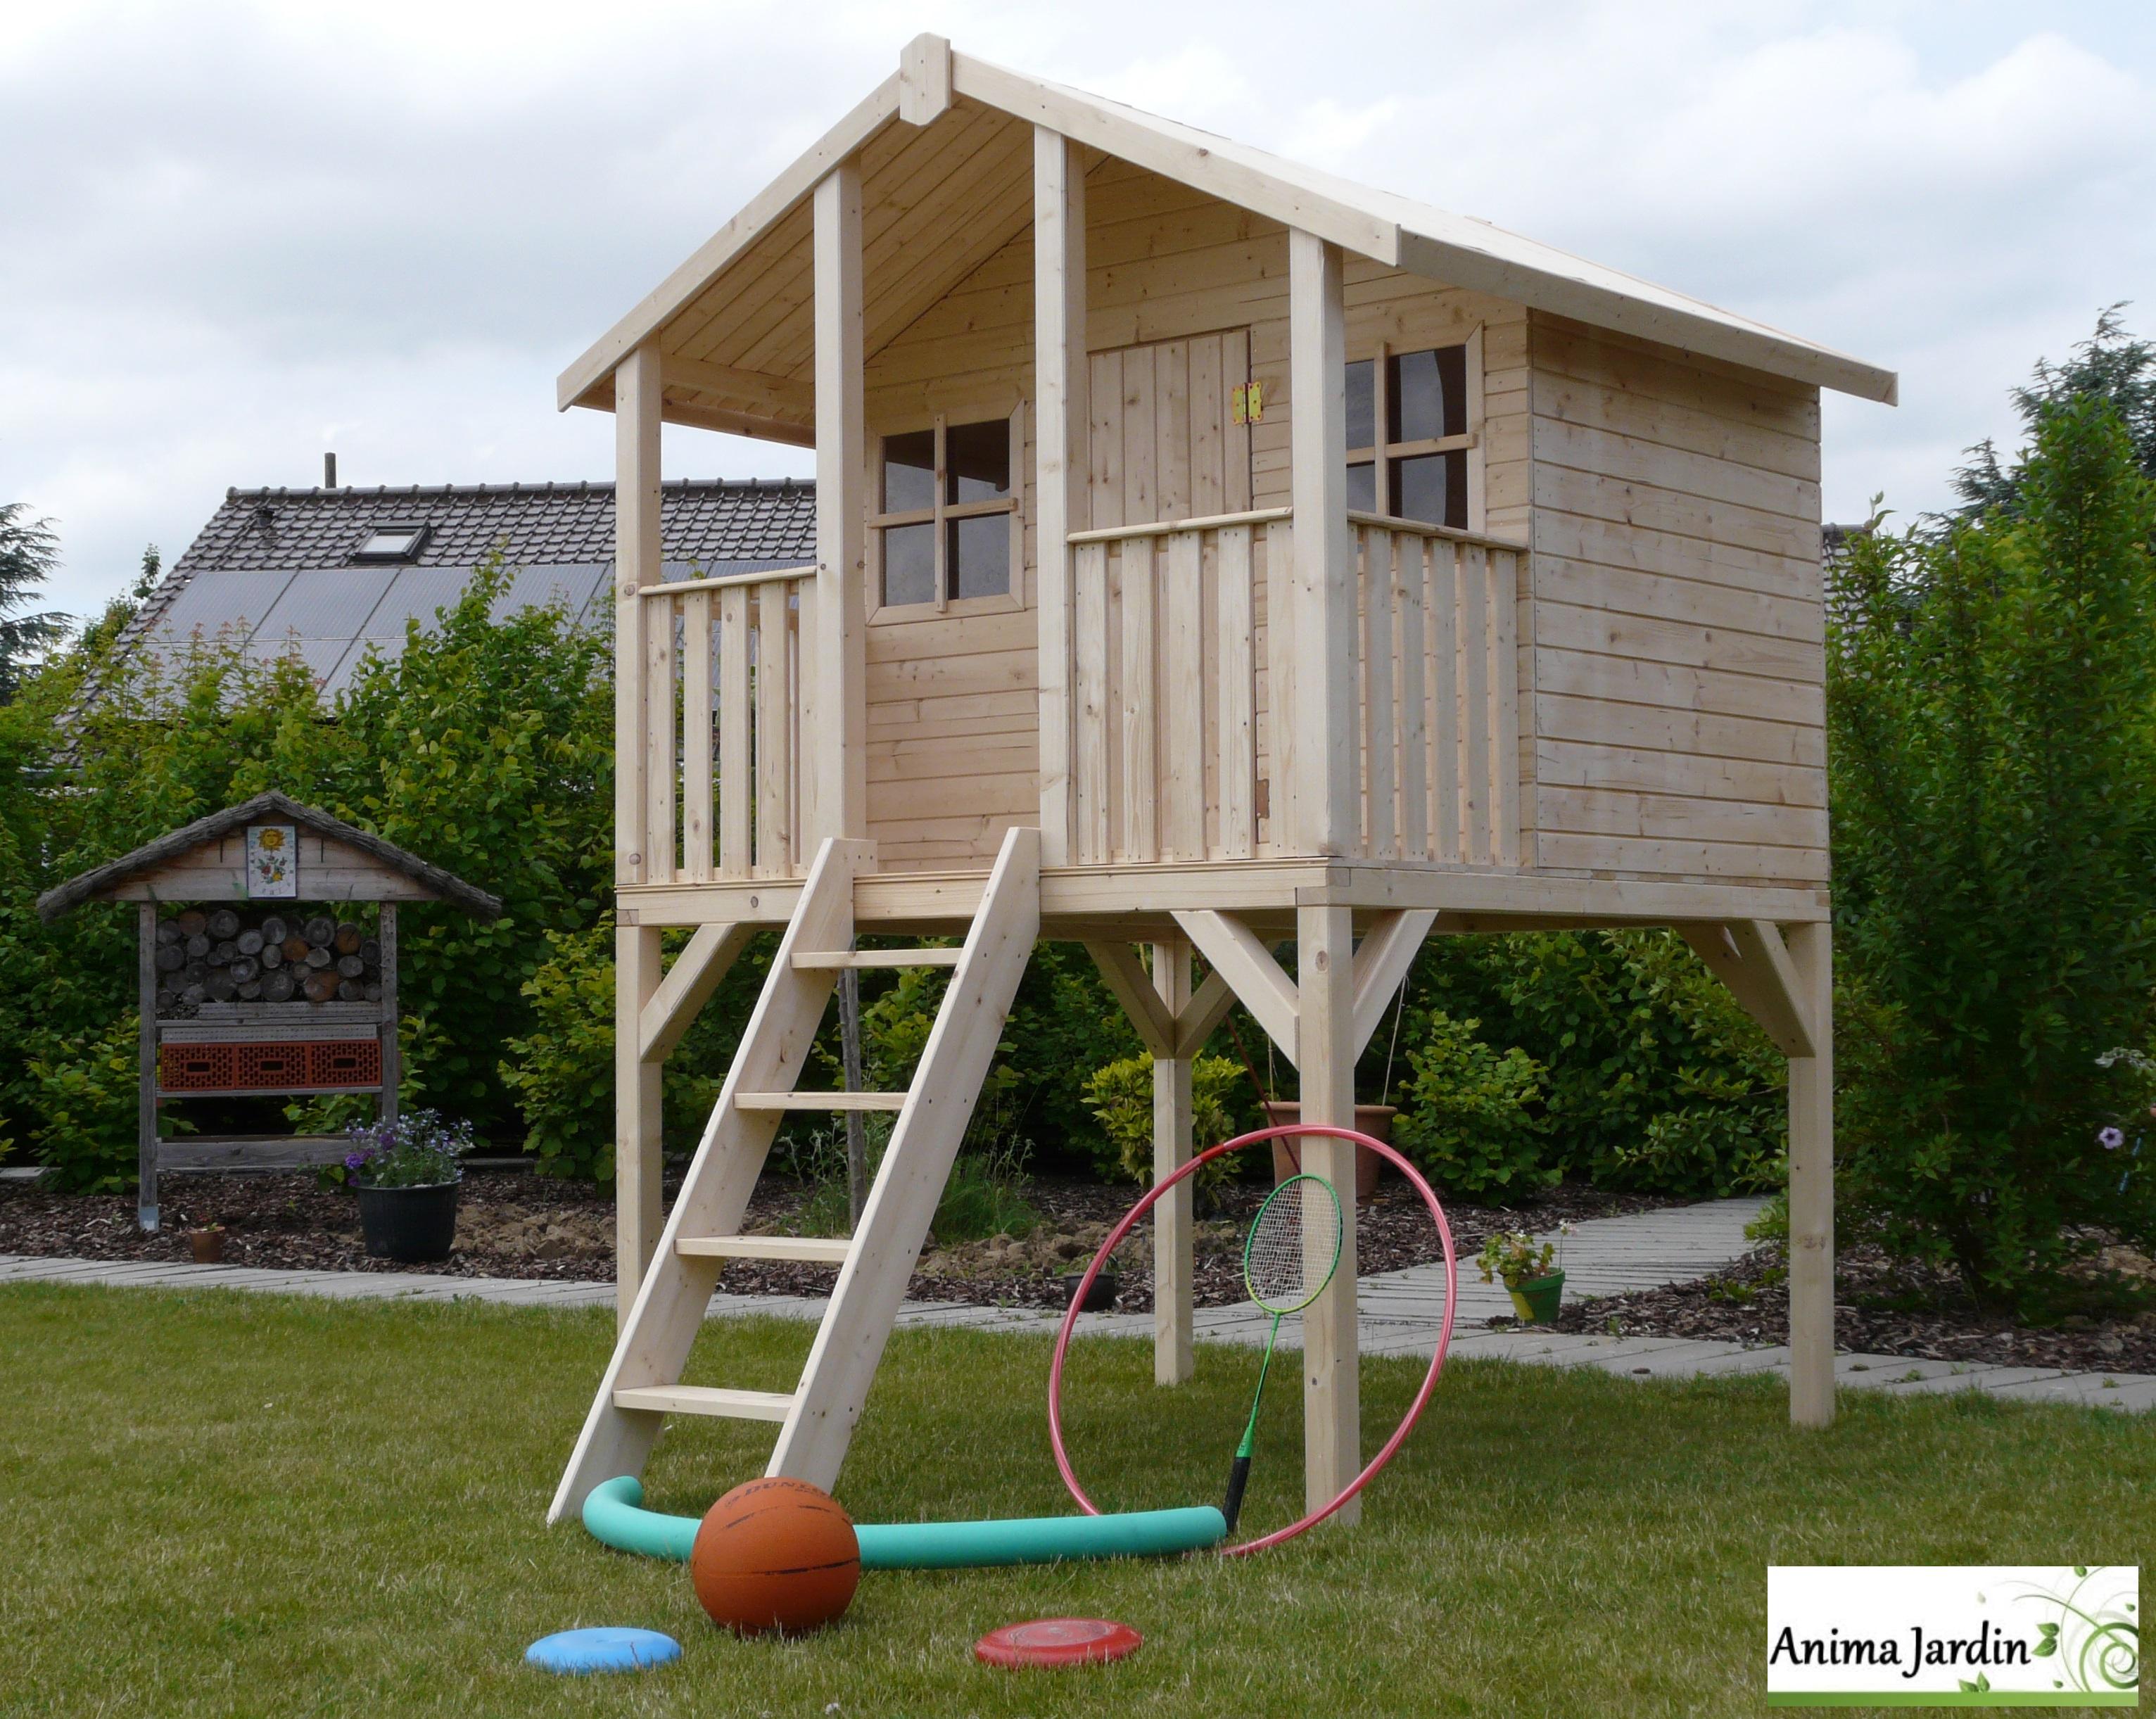 Cabane en bois sur pilotis-enfant-jeux-3,42m²-Anima-Jardin.fr